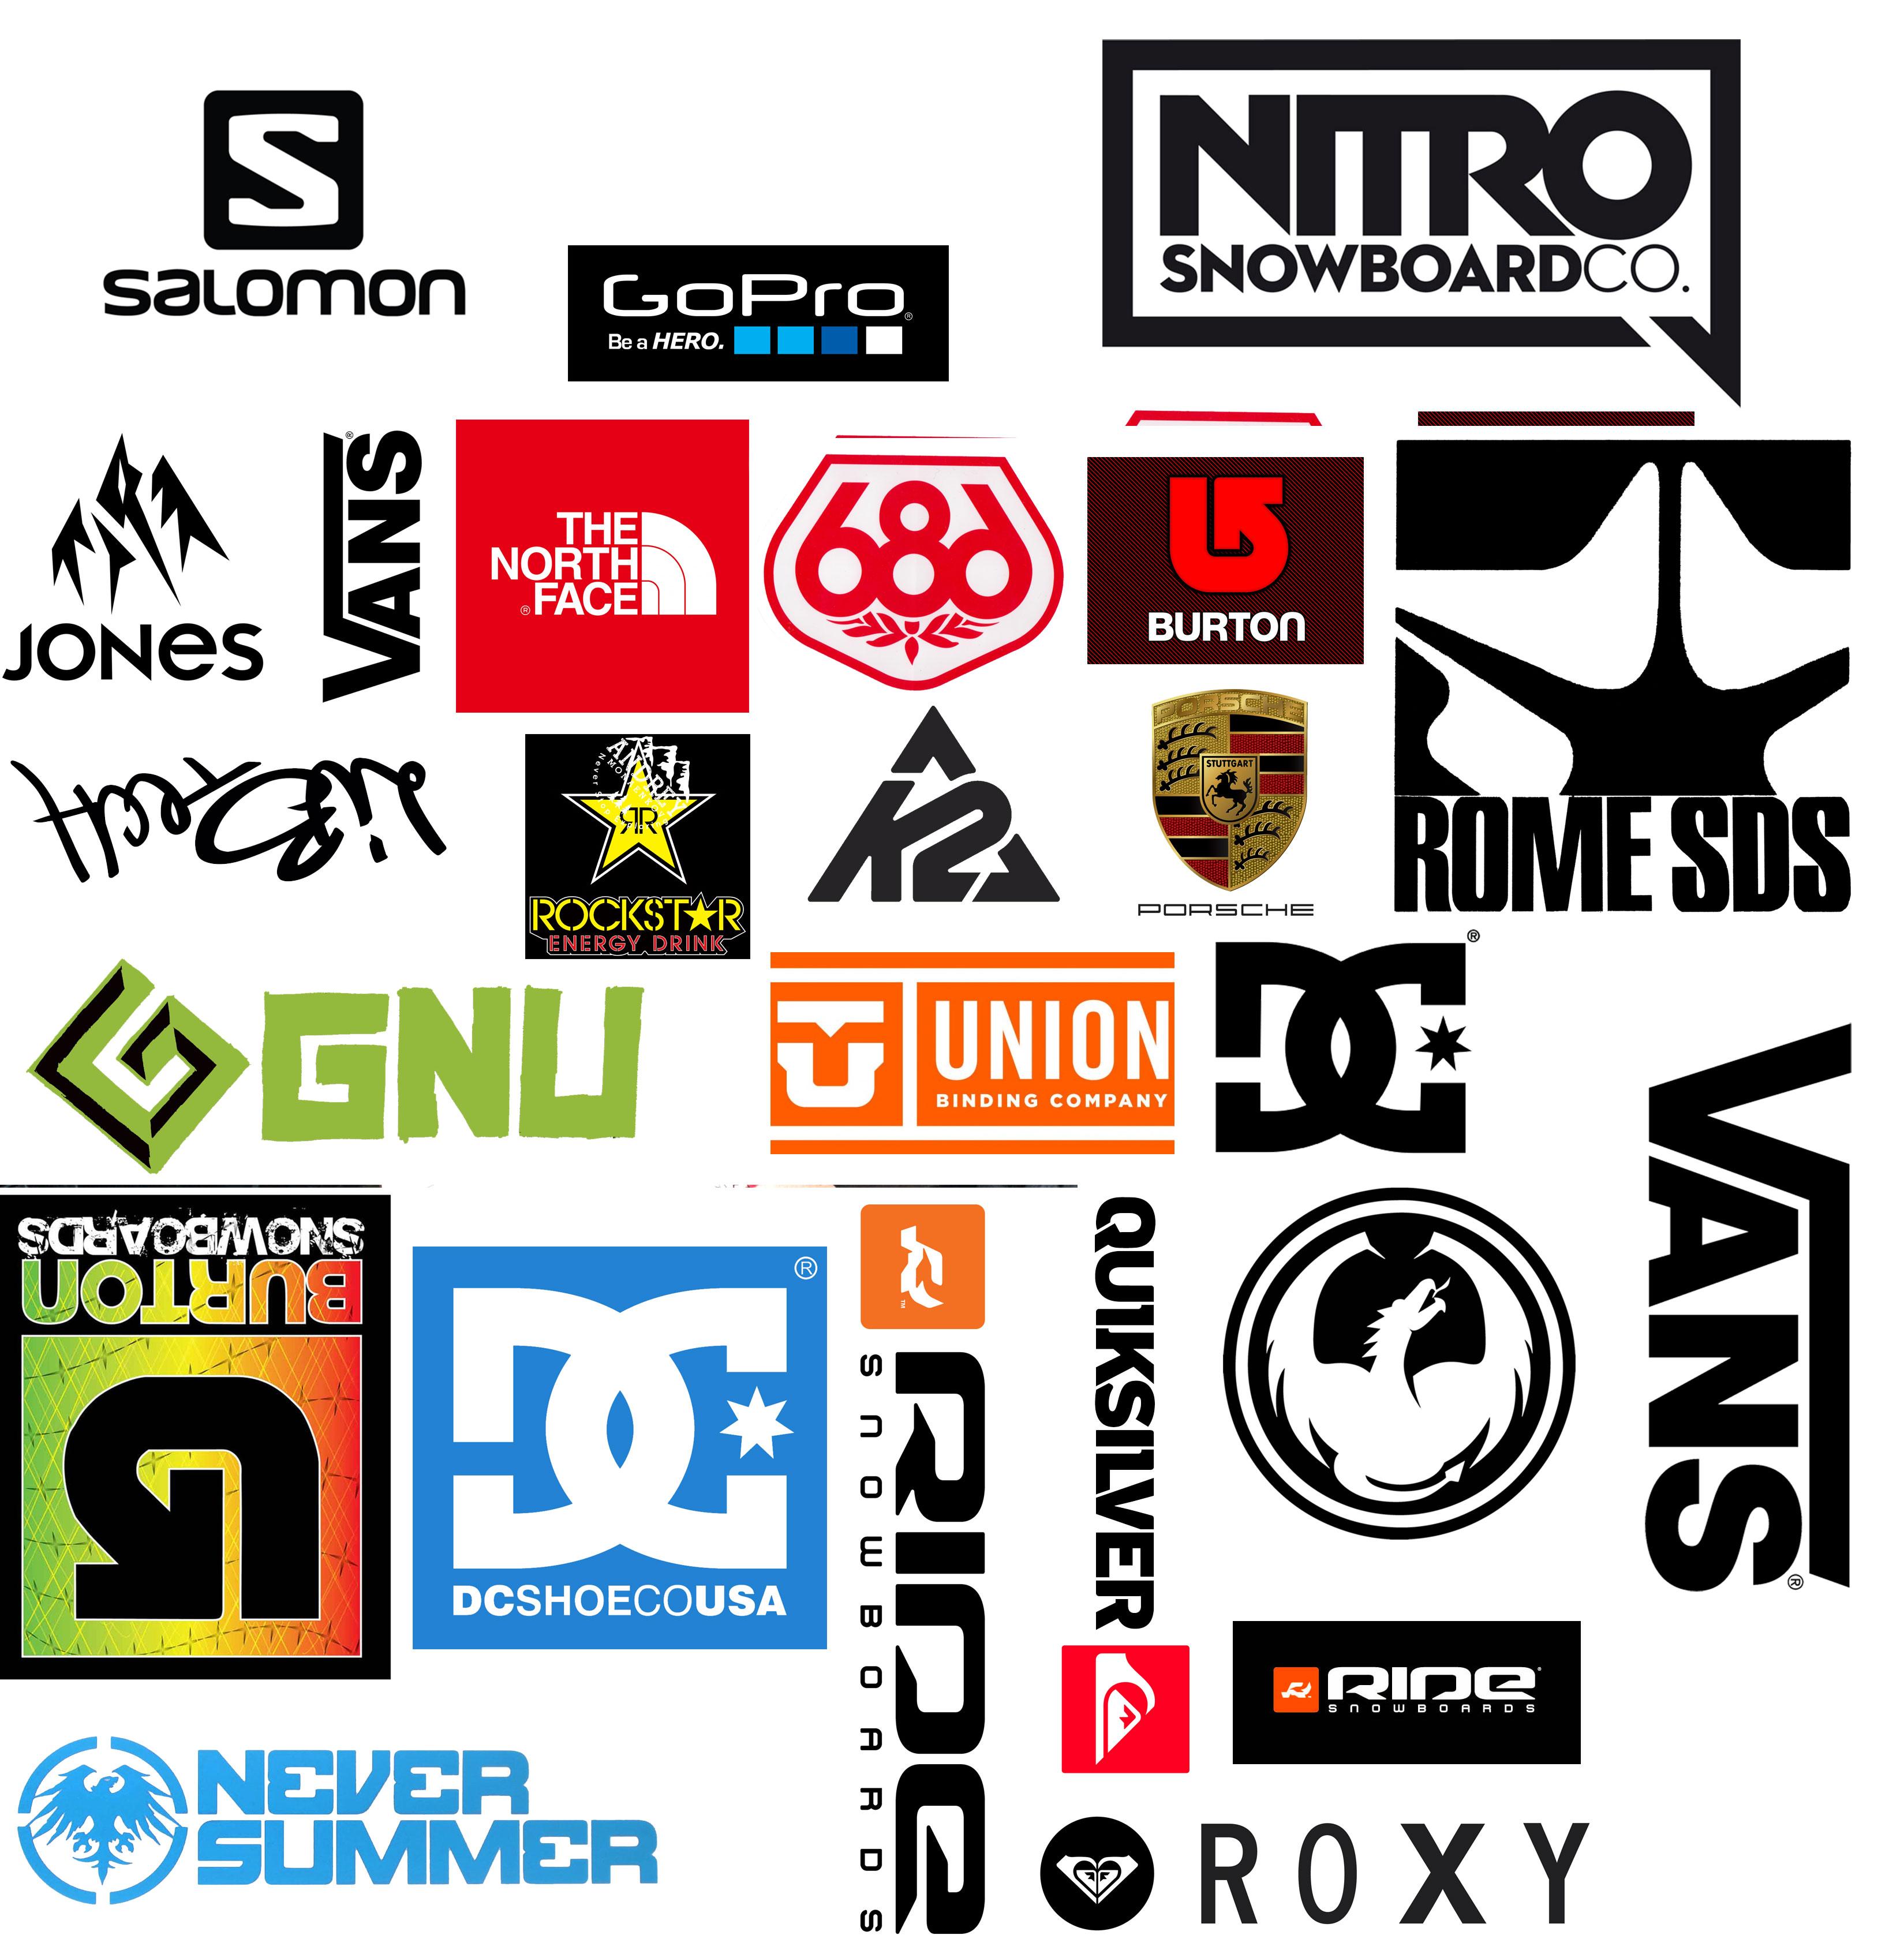 Купить сноуборд стикер недорого в интернет магазине Логотипы сноуборд компаний